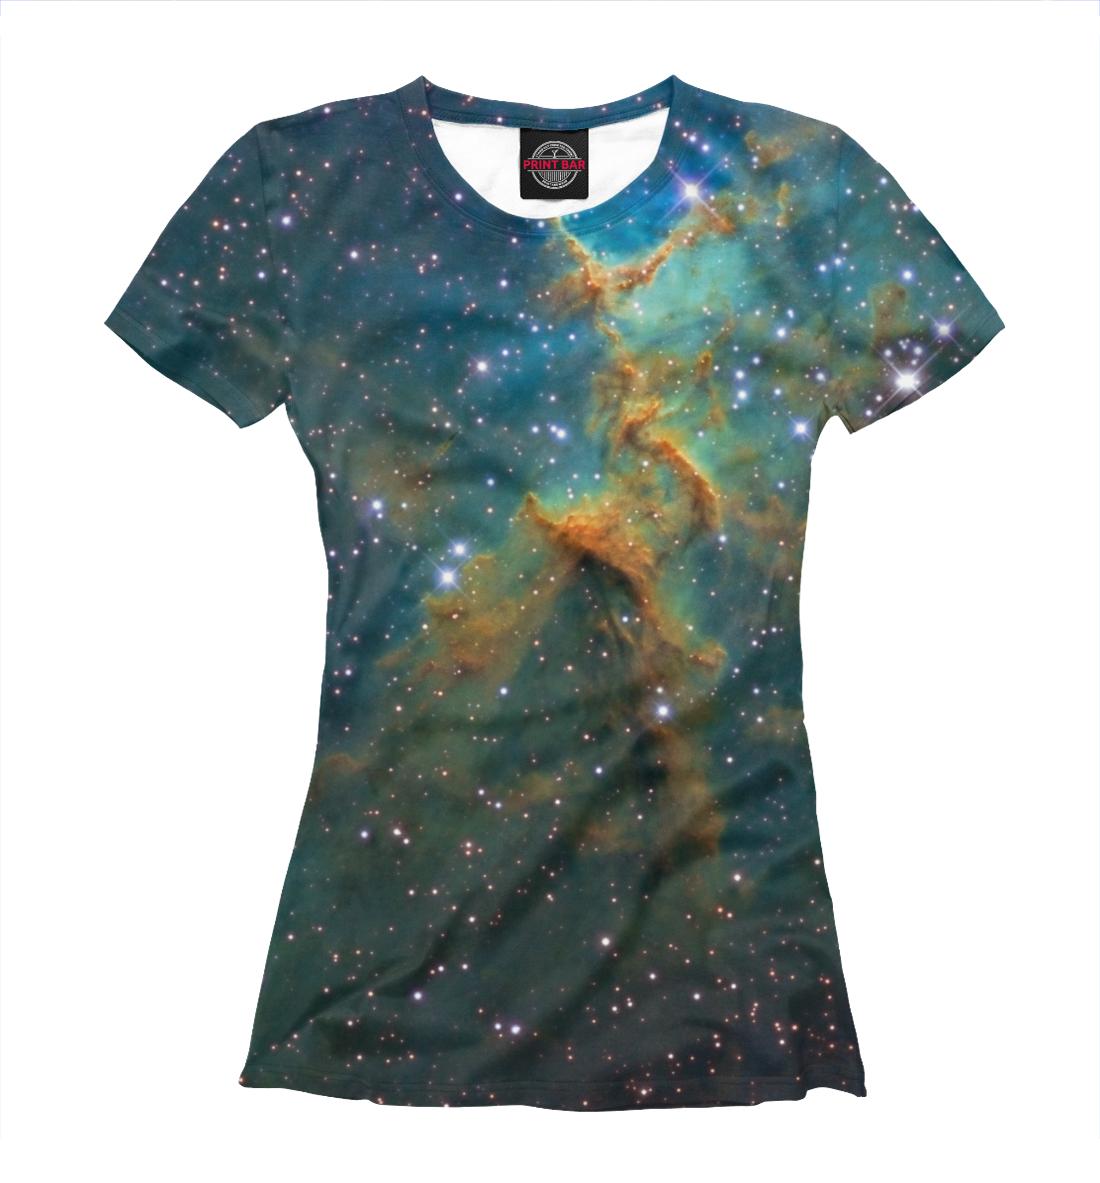 Купить Космос, ты просто космос, Printbar, Футболки, SPA-624746-fut-1